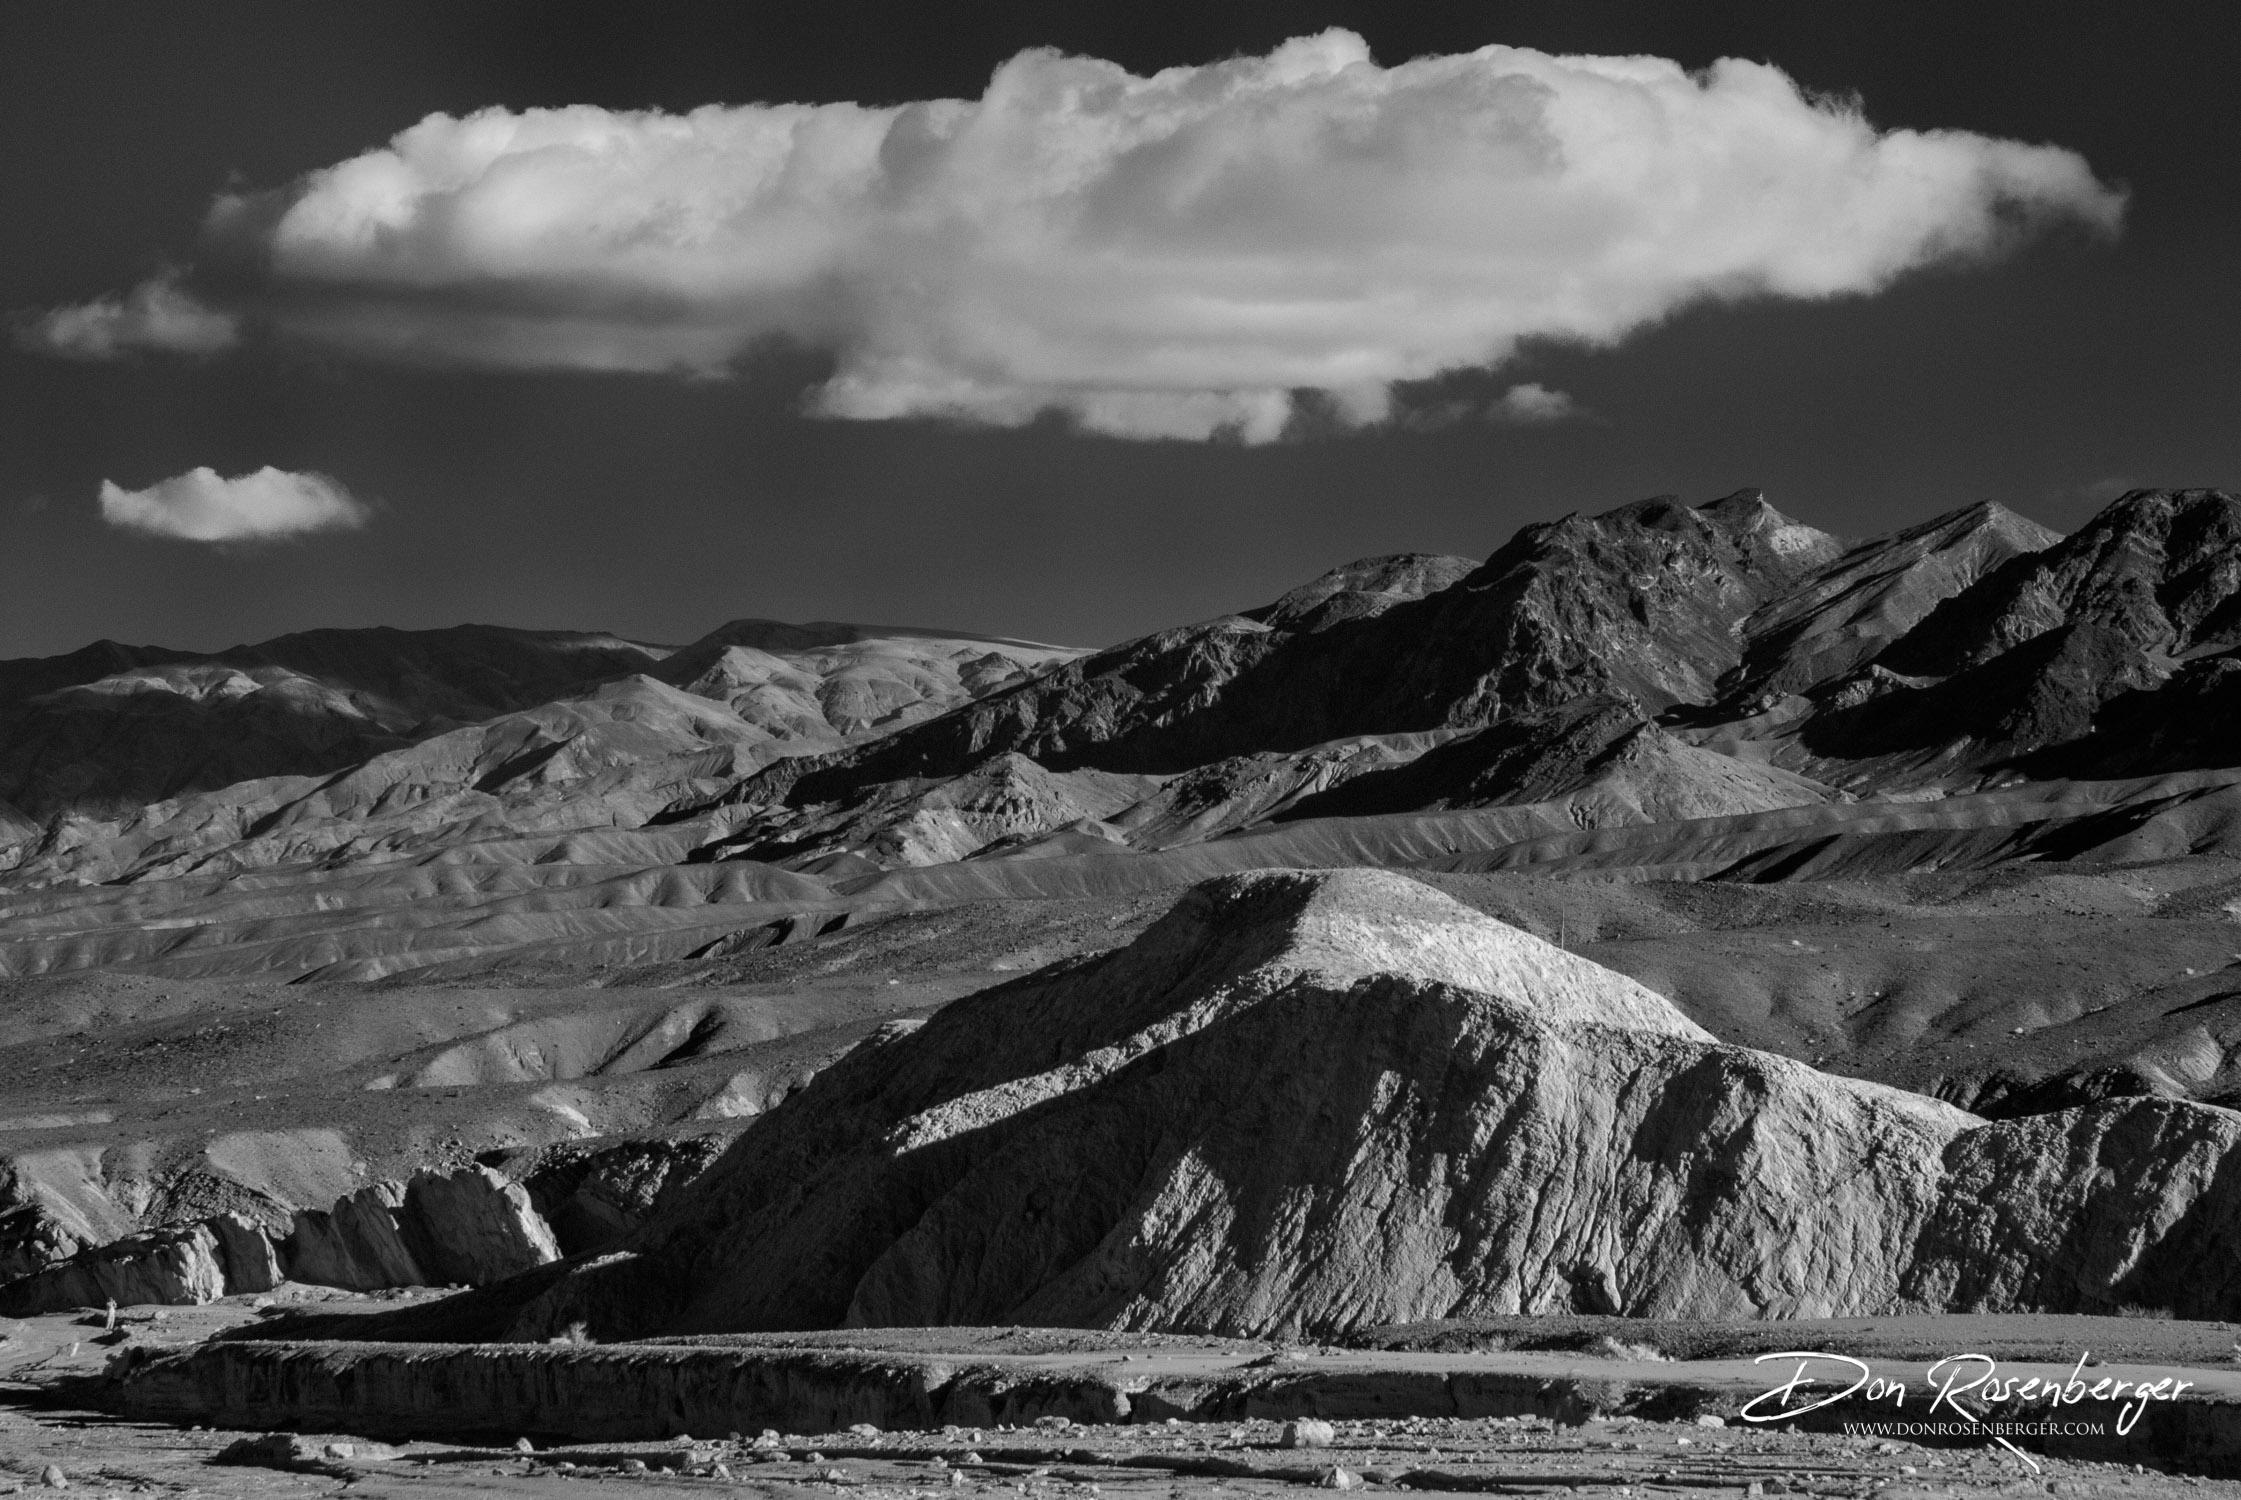 The Desert in Infrared